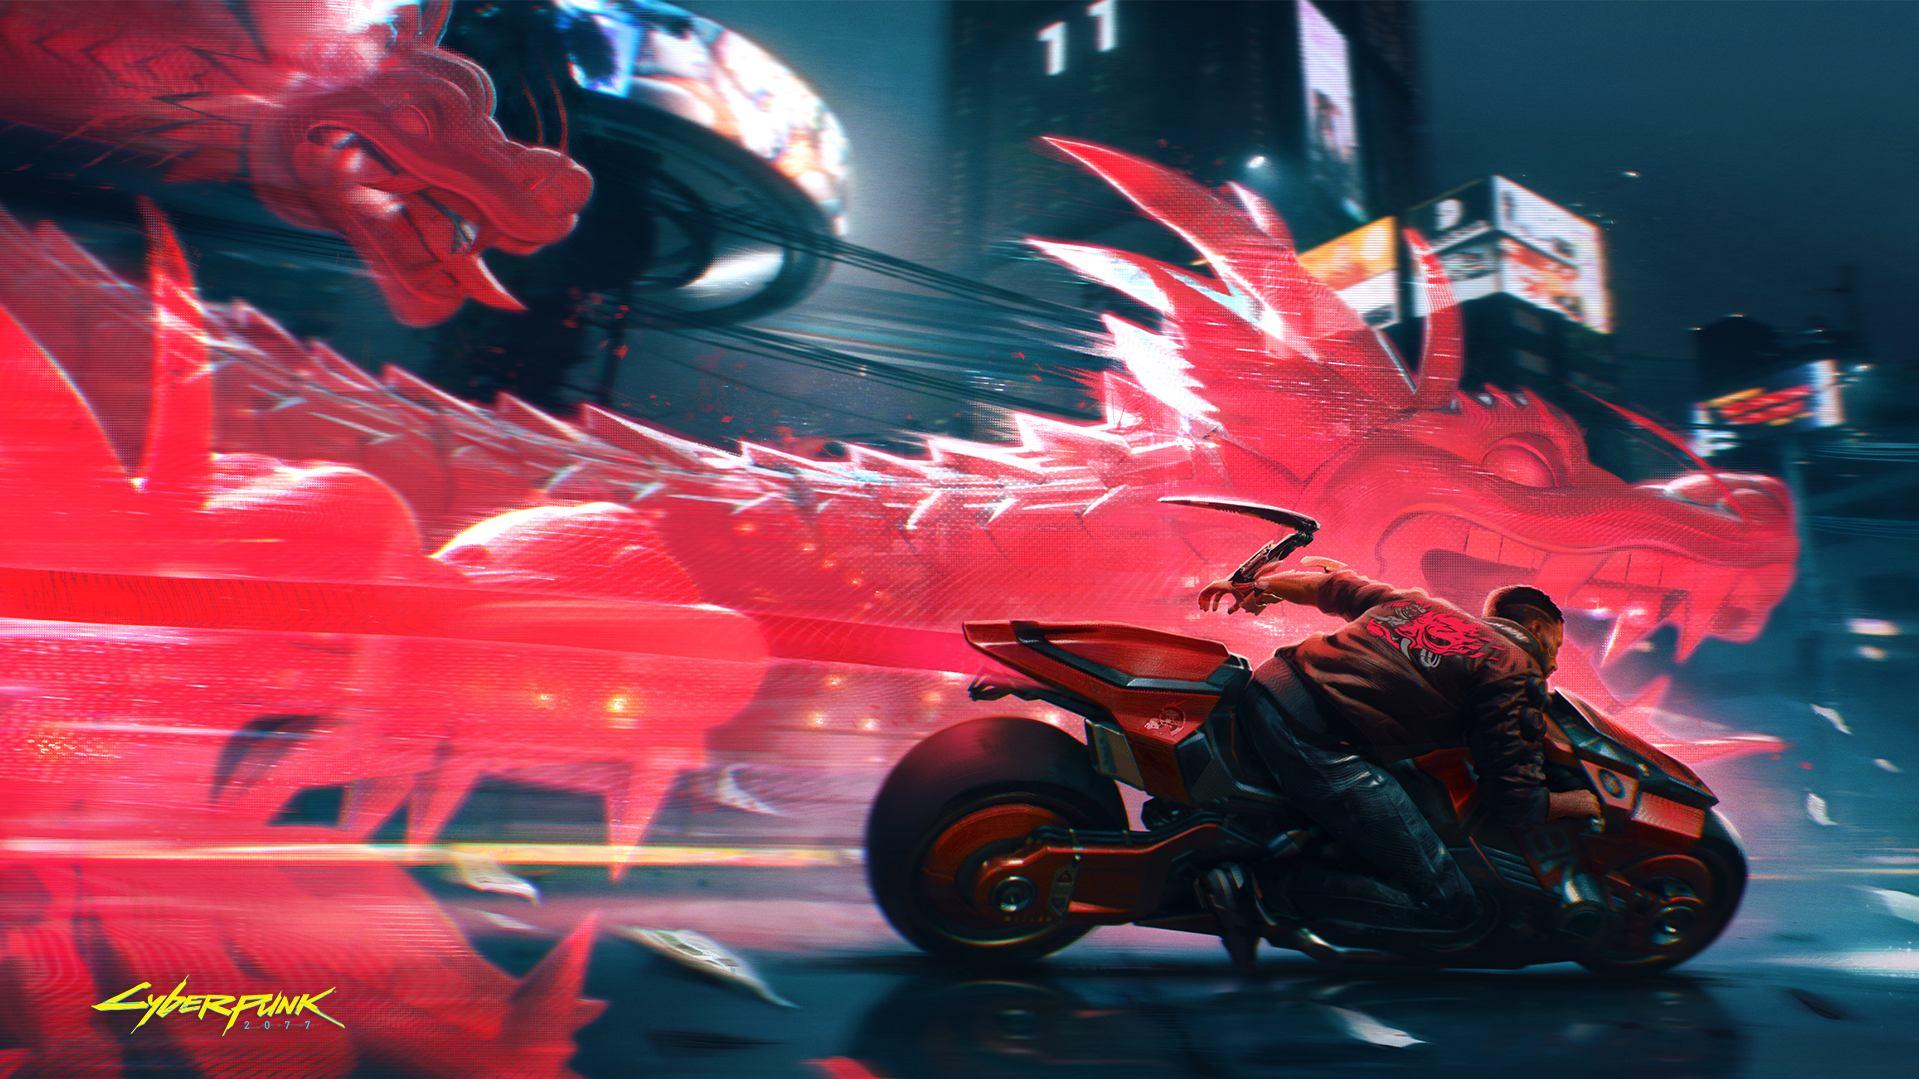 Владельцам PlayStation 4 и Xbox One стоит взять Cyberpunk 2077 на дисках